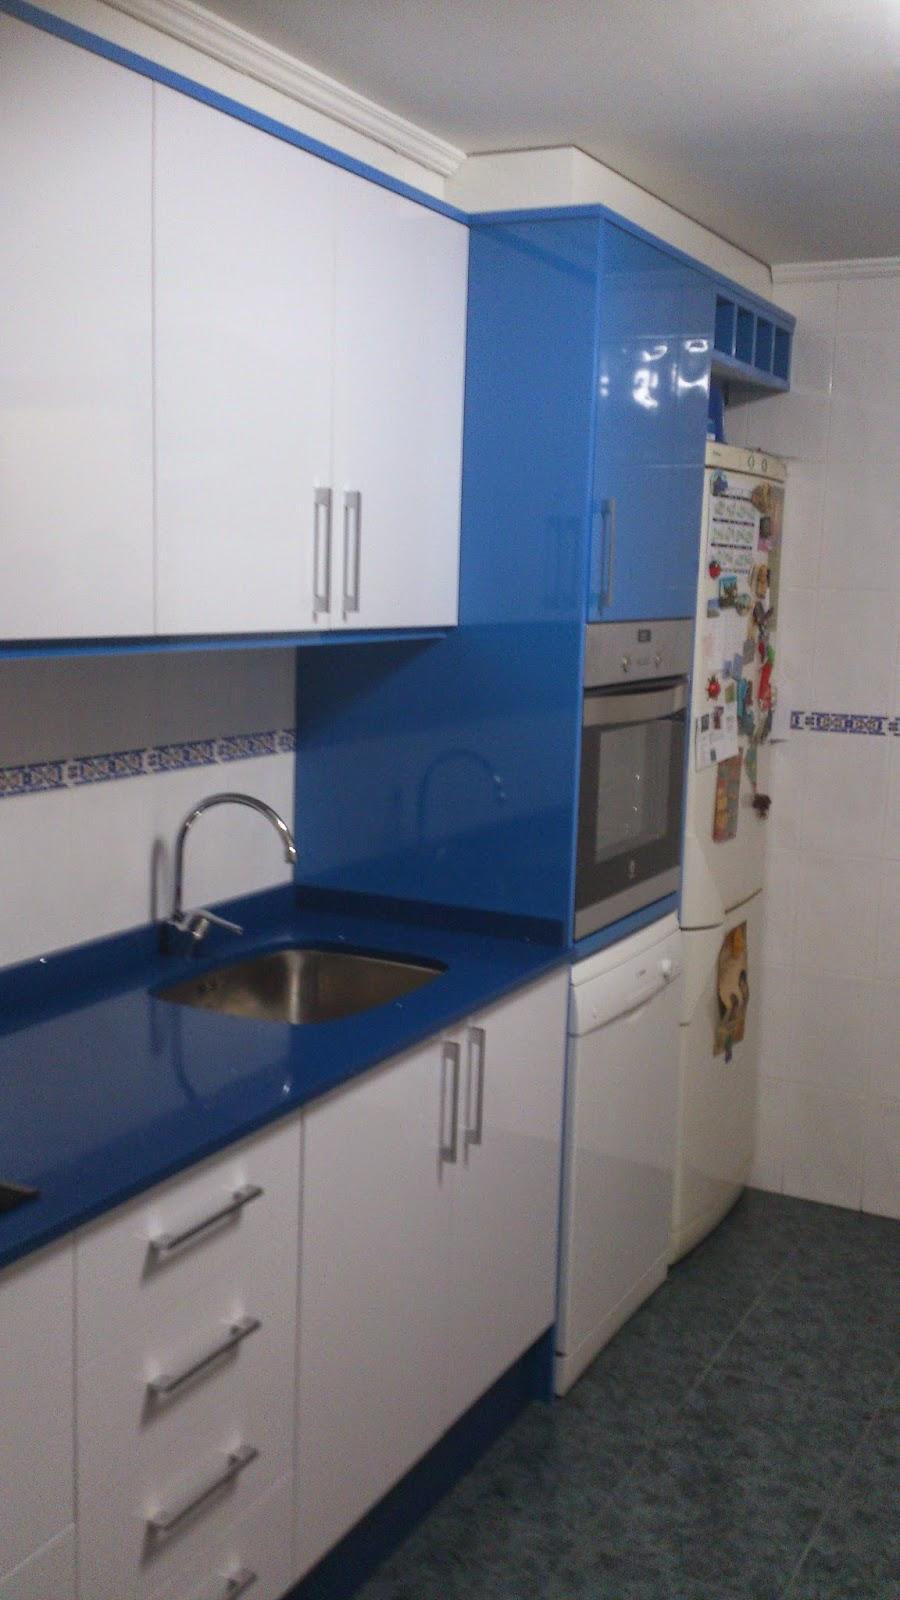 Cocinas daniel orts cocina combinada blanco y azul brillo for Deco de cocina azul blanco